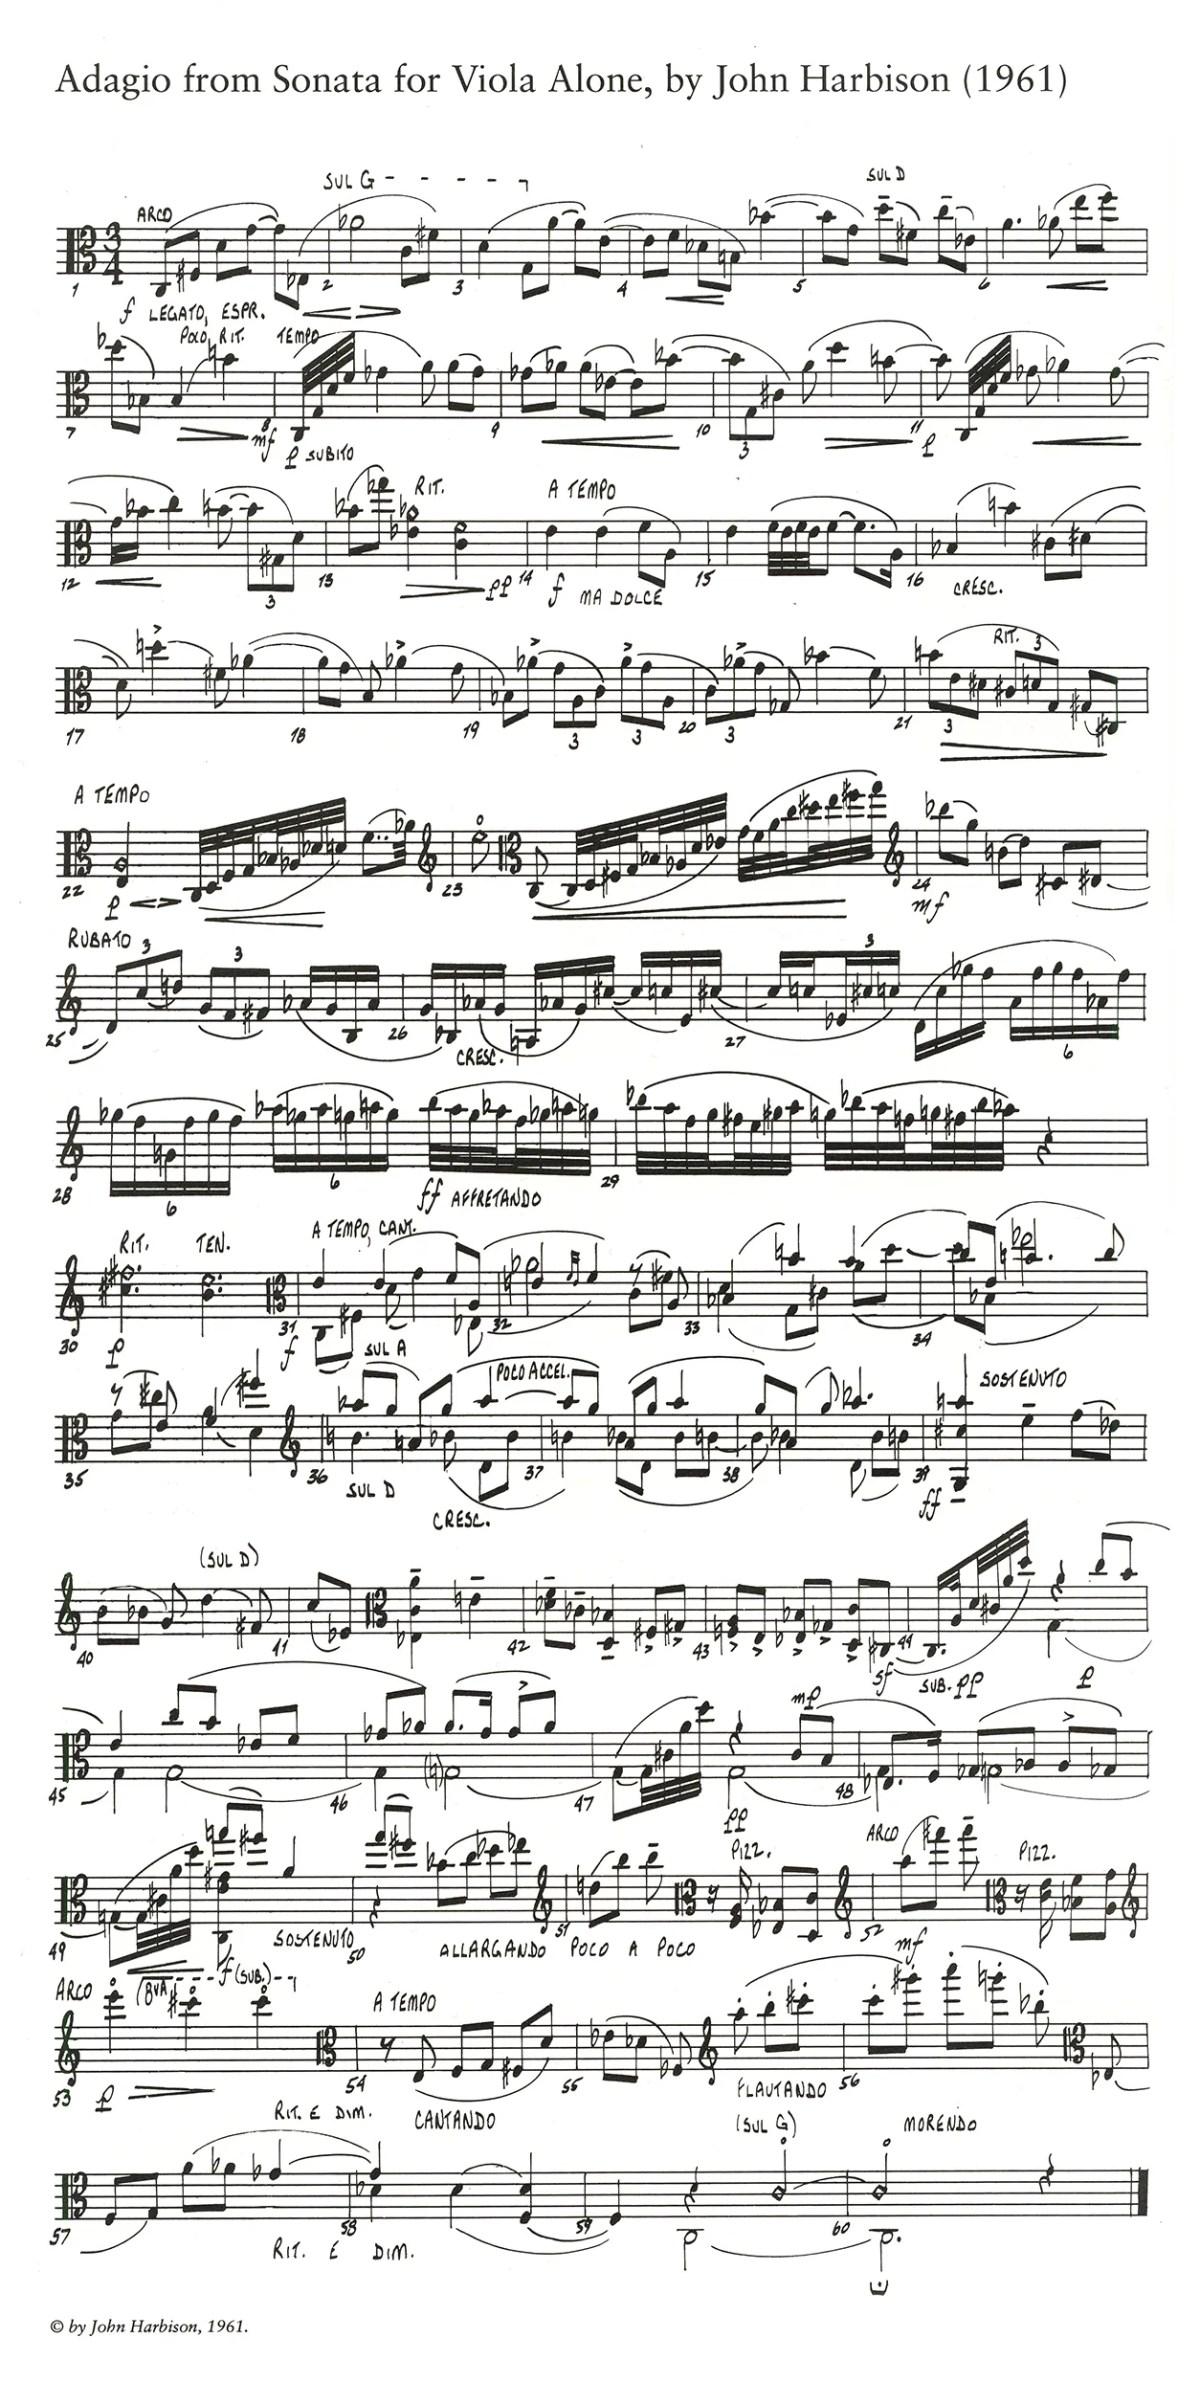 Adagio from Sonata for Viola Alone, 1961